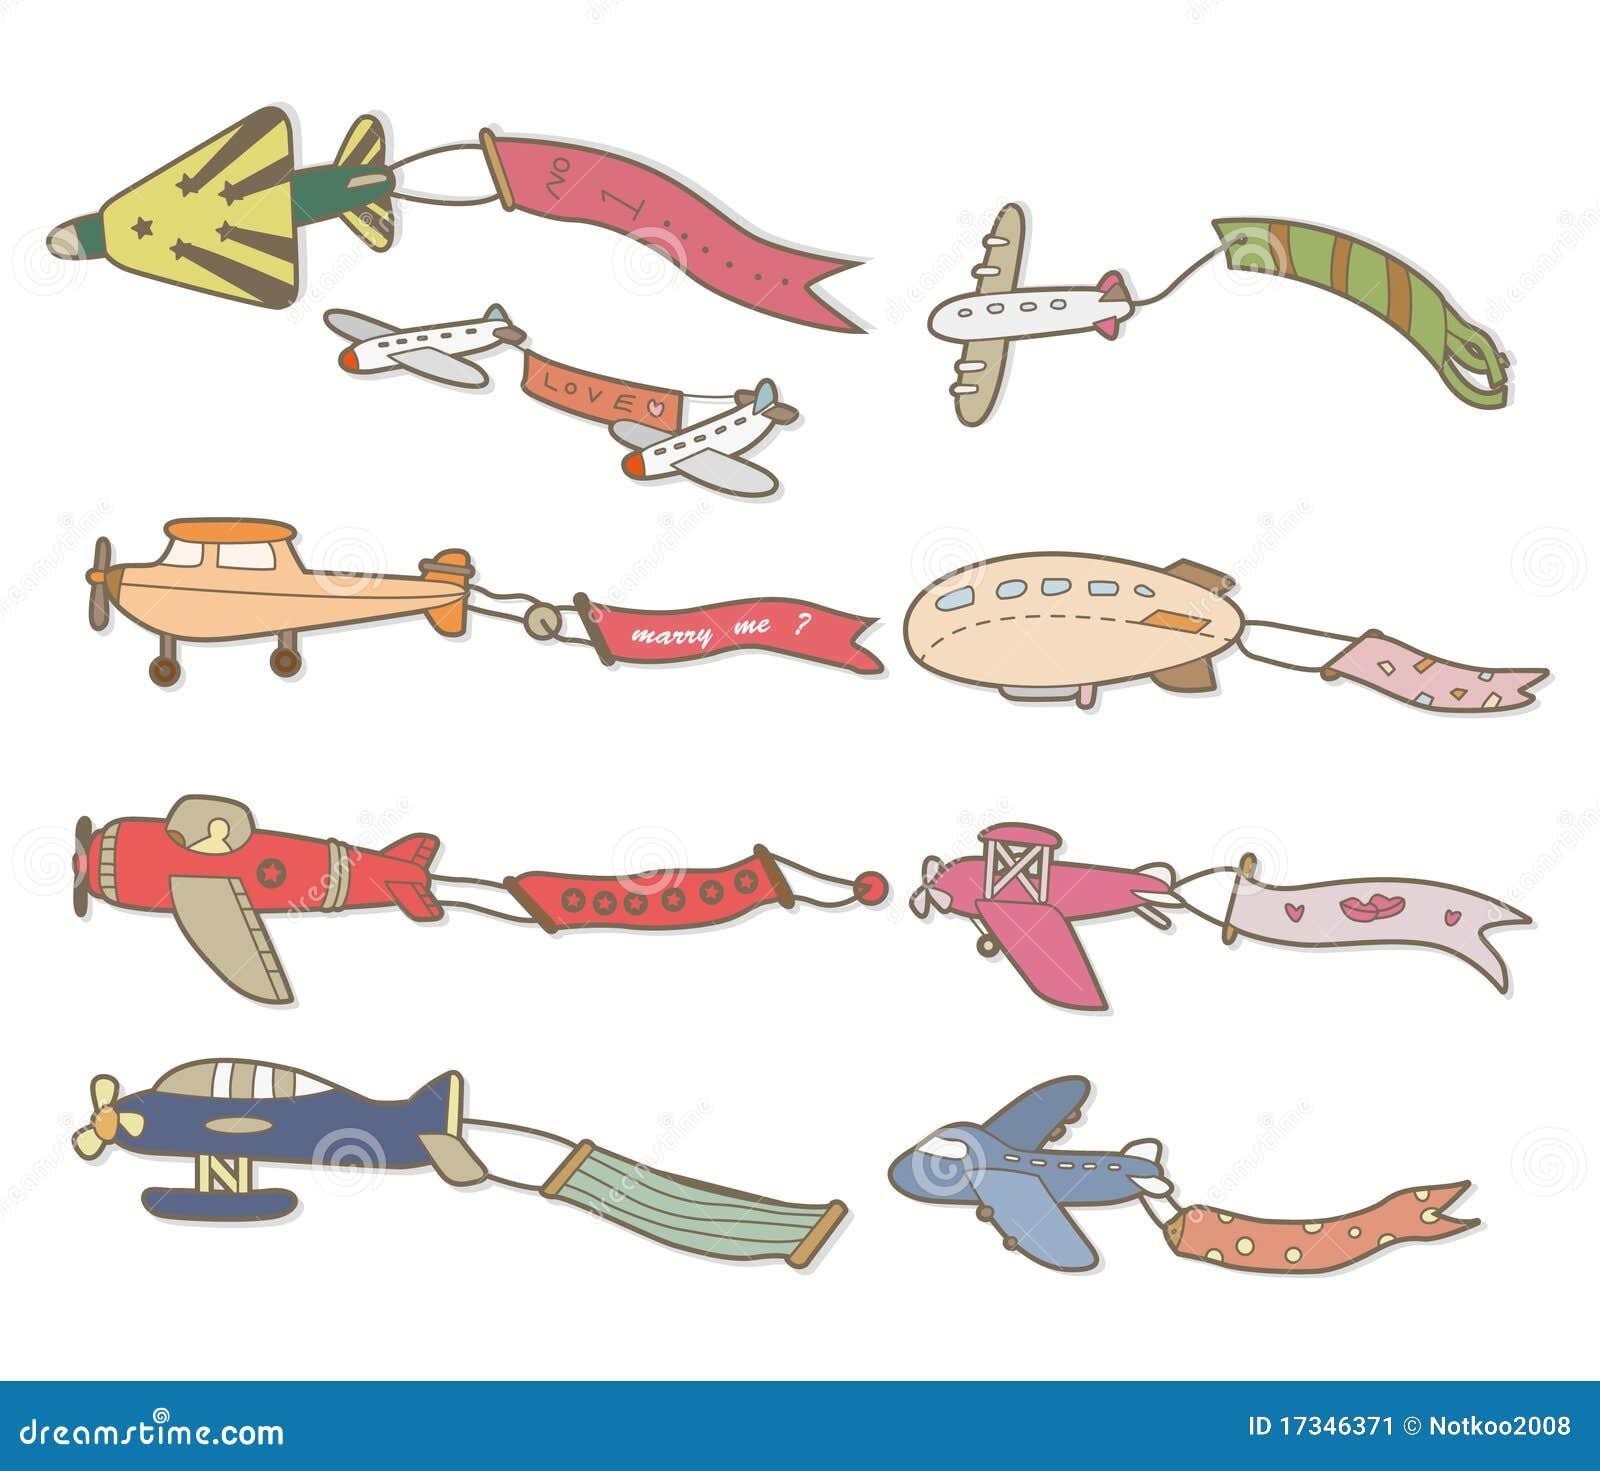 Banderole publicitaire d 39 avion de dessin anim image stock - Avion en dessin ...